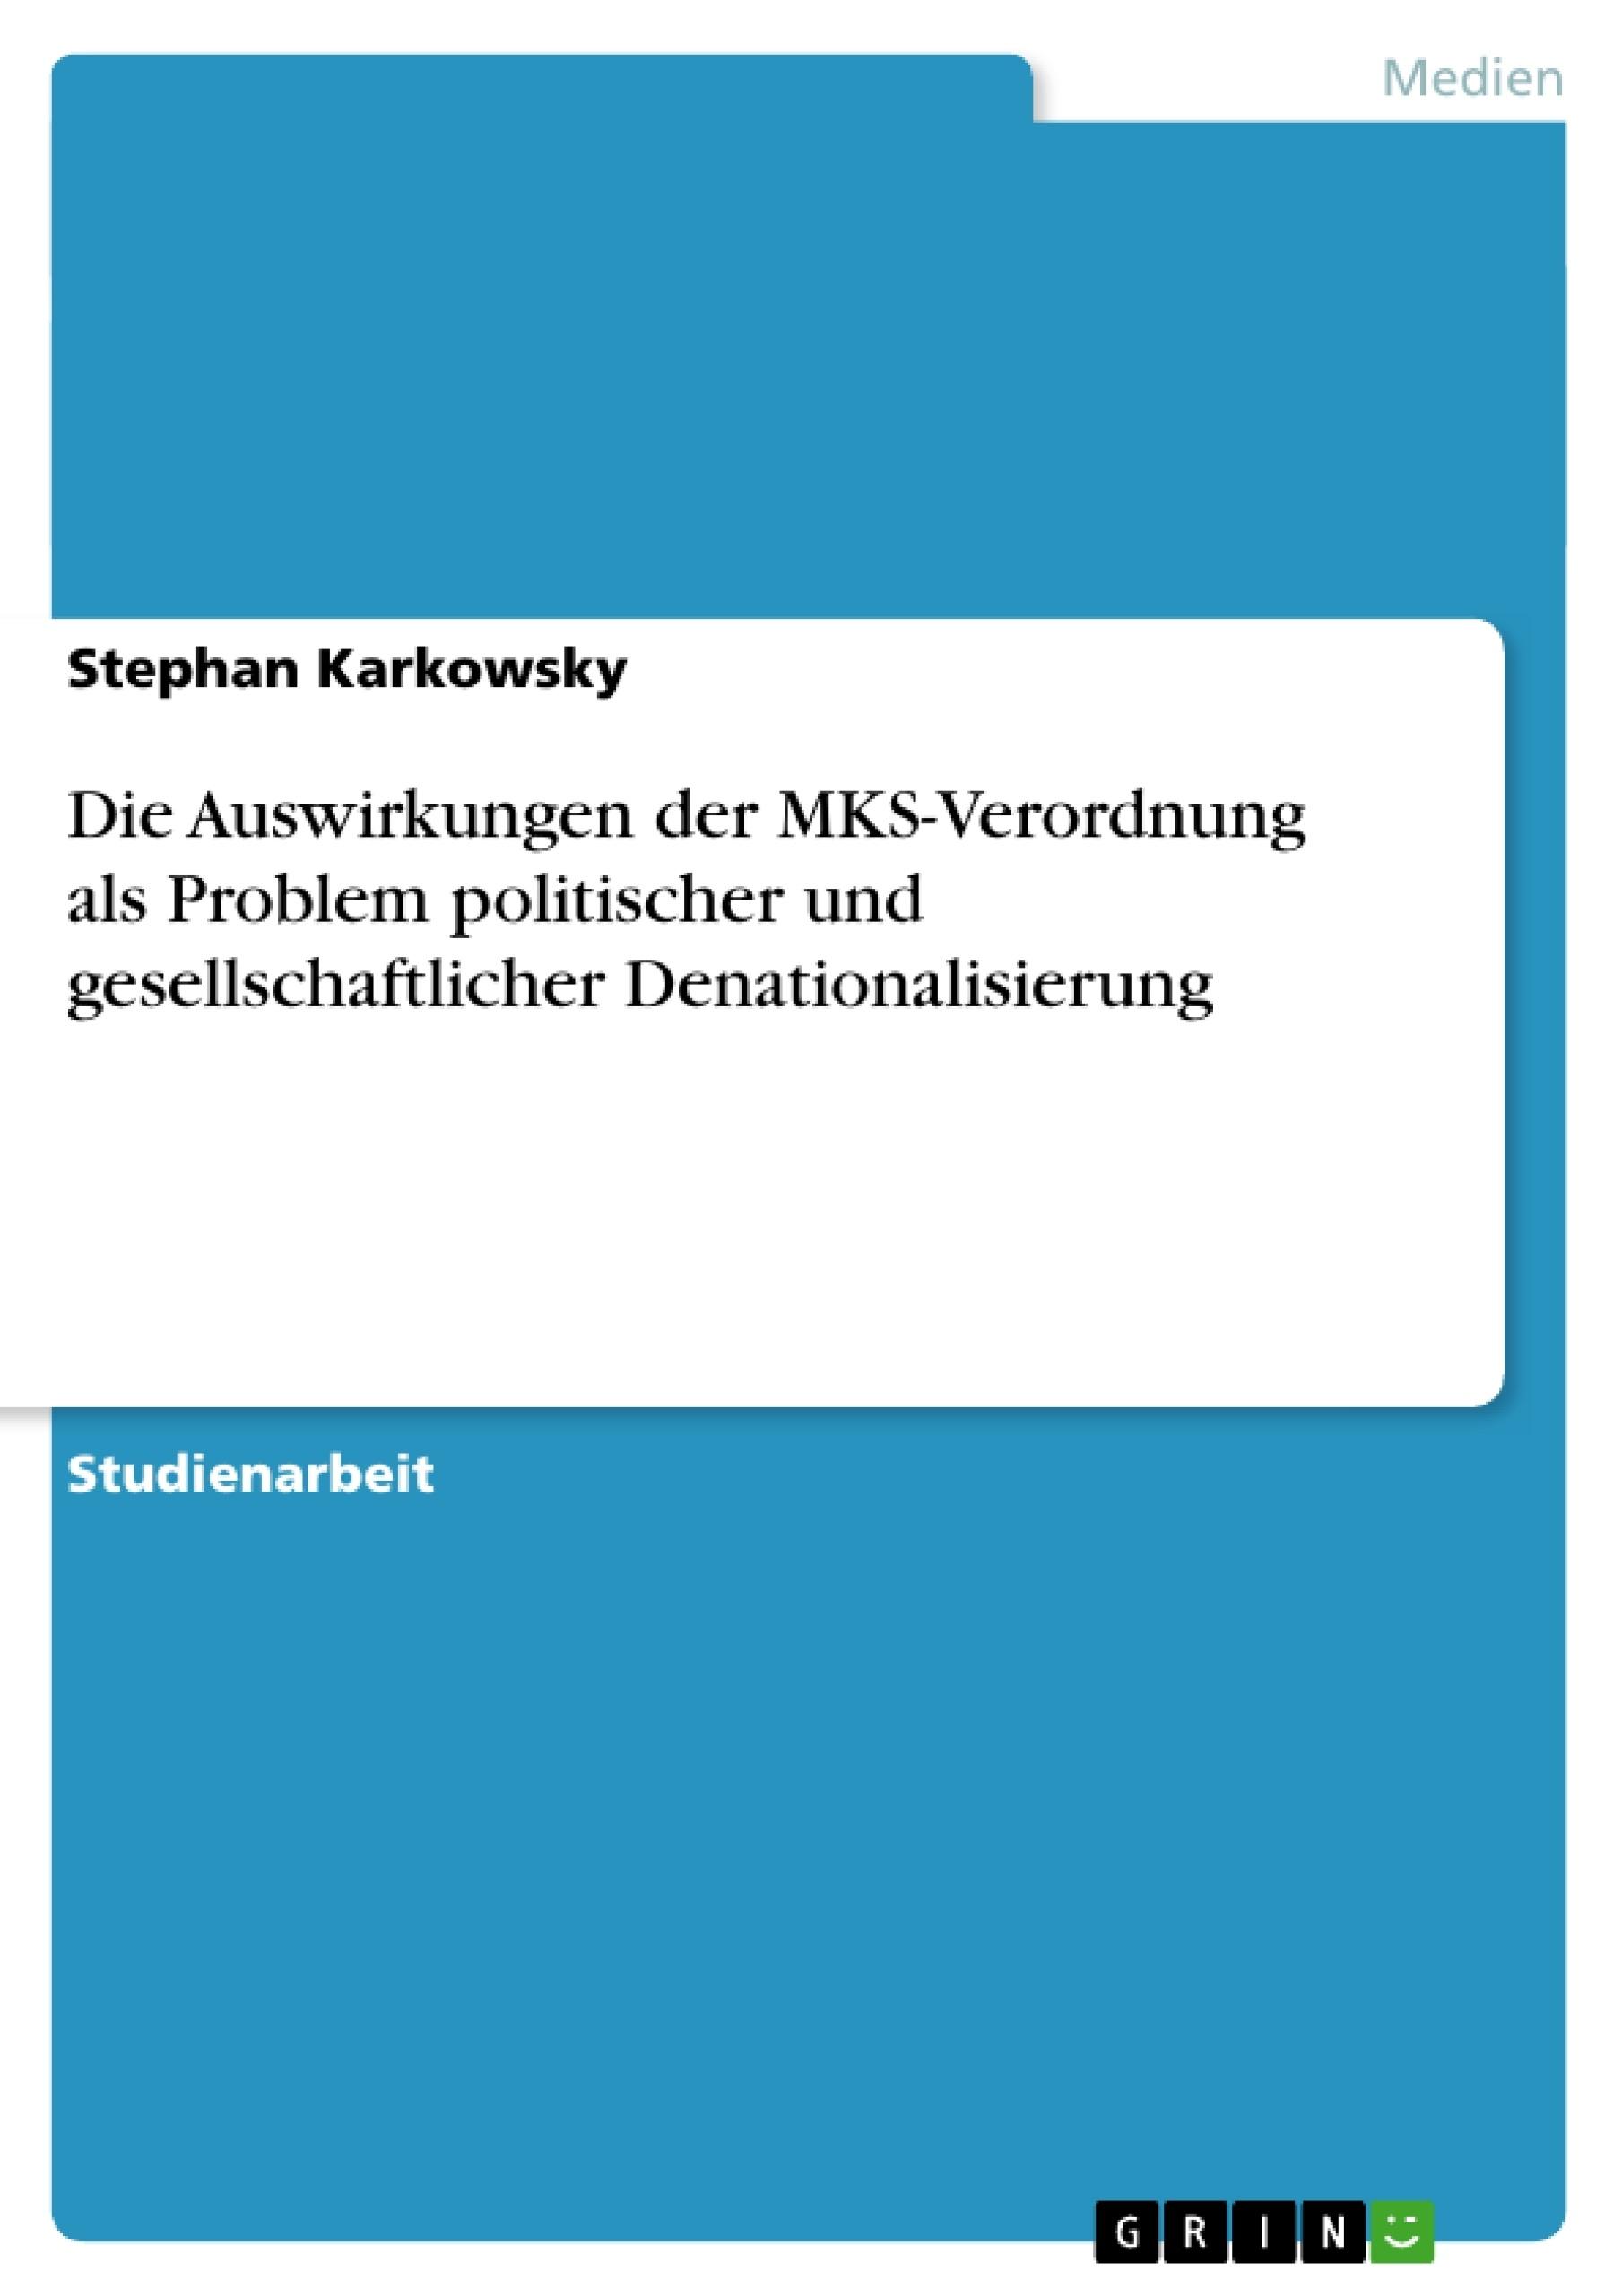 Titel: Die Auswirkungen der MKS-Verordnung als Problem politischer und gesellschaftlicher Denationalisierung